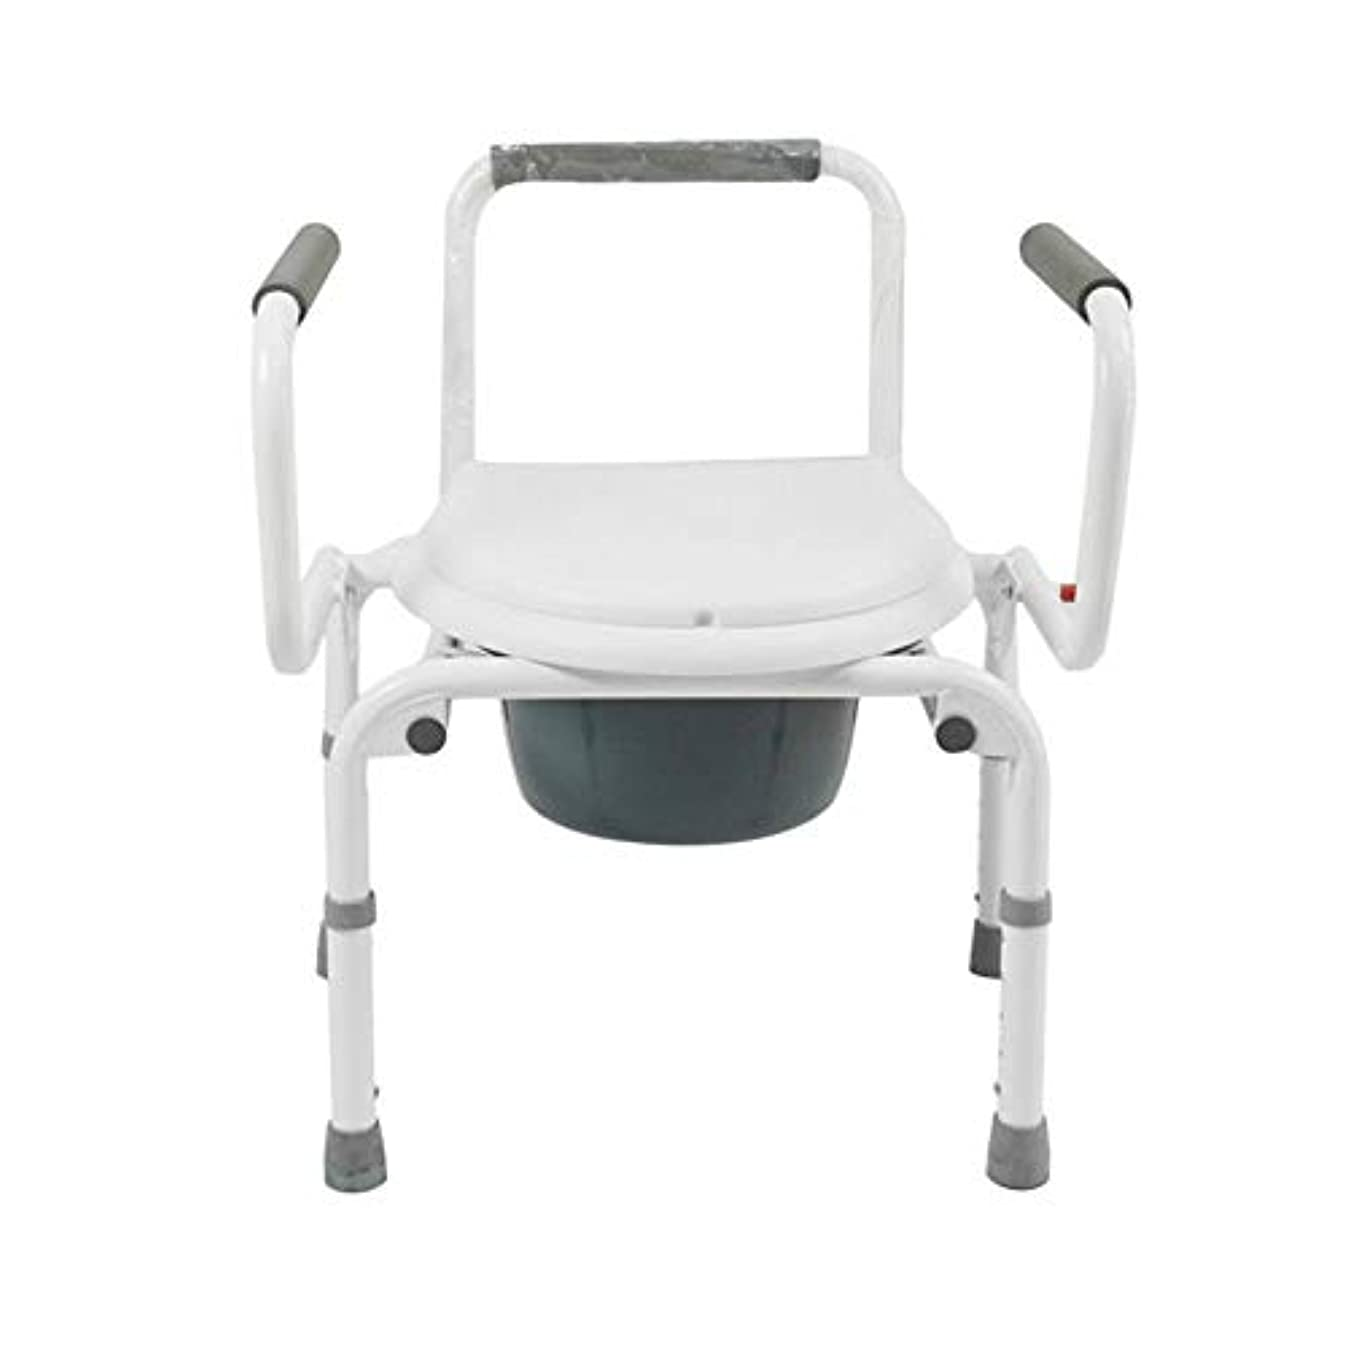 耐えられないブラウザ重なる便器椅子折りたたみバケットモバイルトイレスツール上下調節アームレストホーム用ポータブルトイレシート